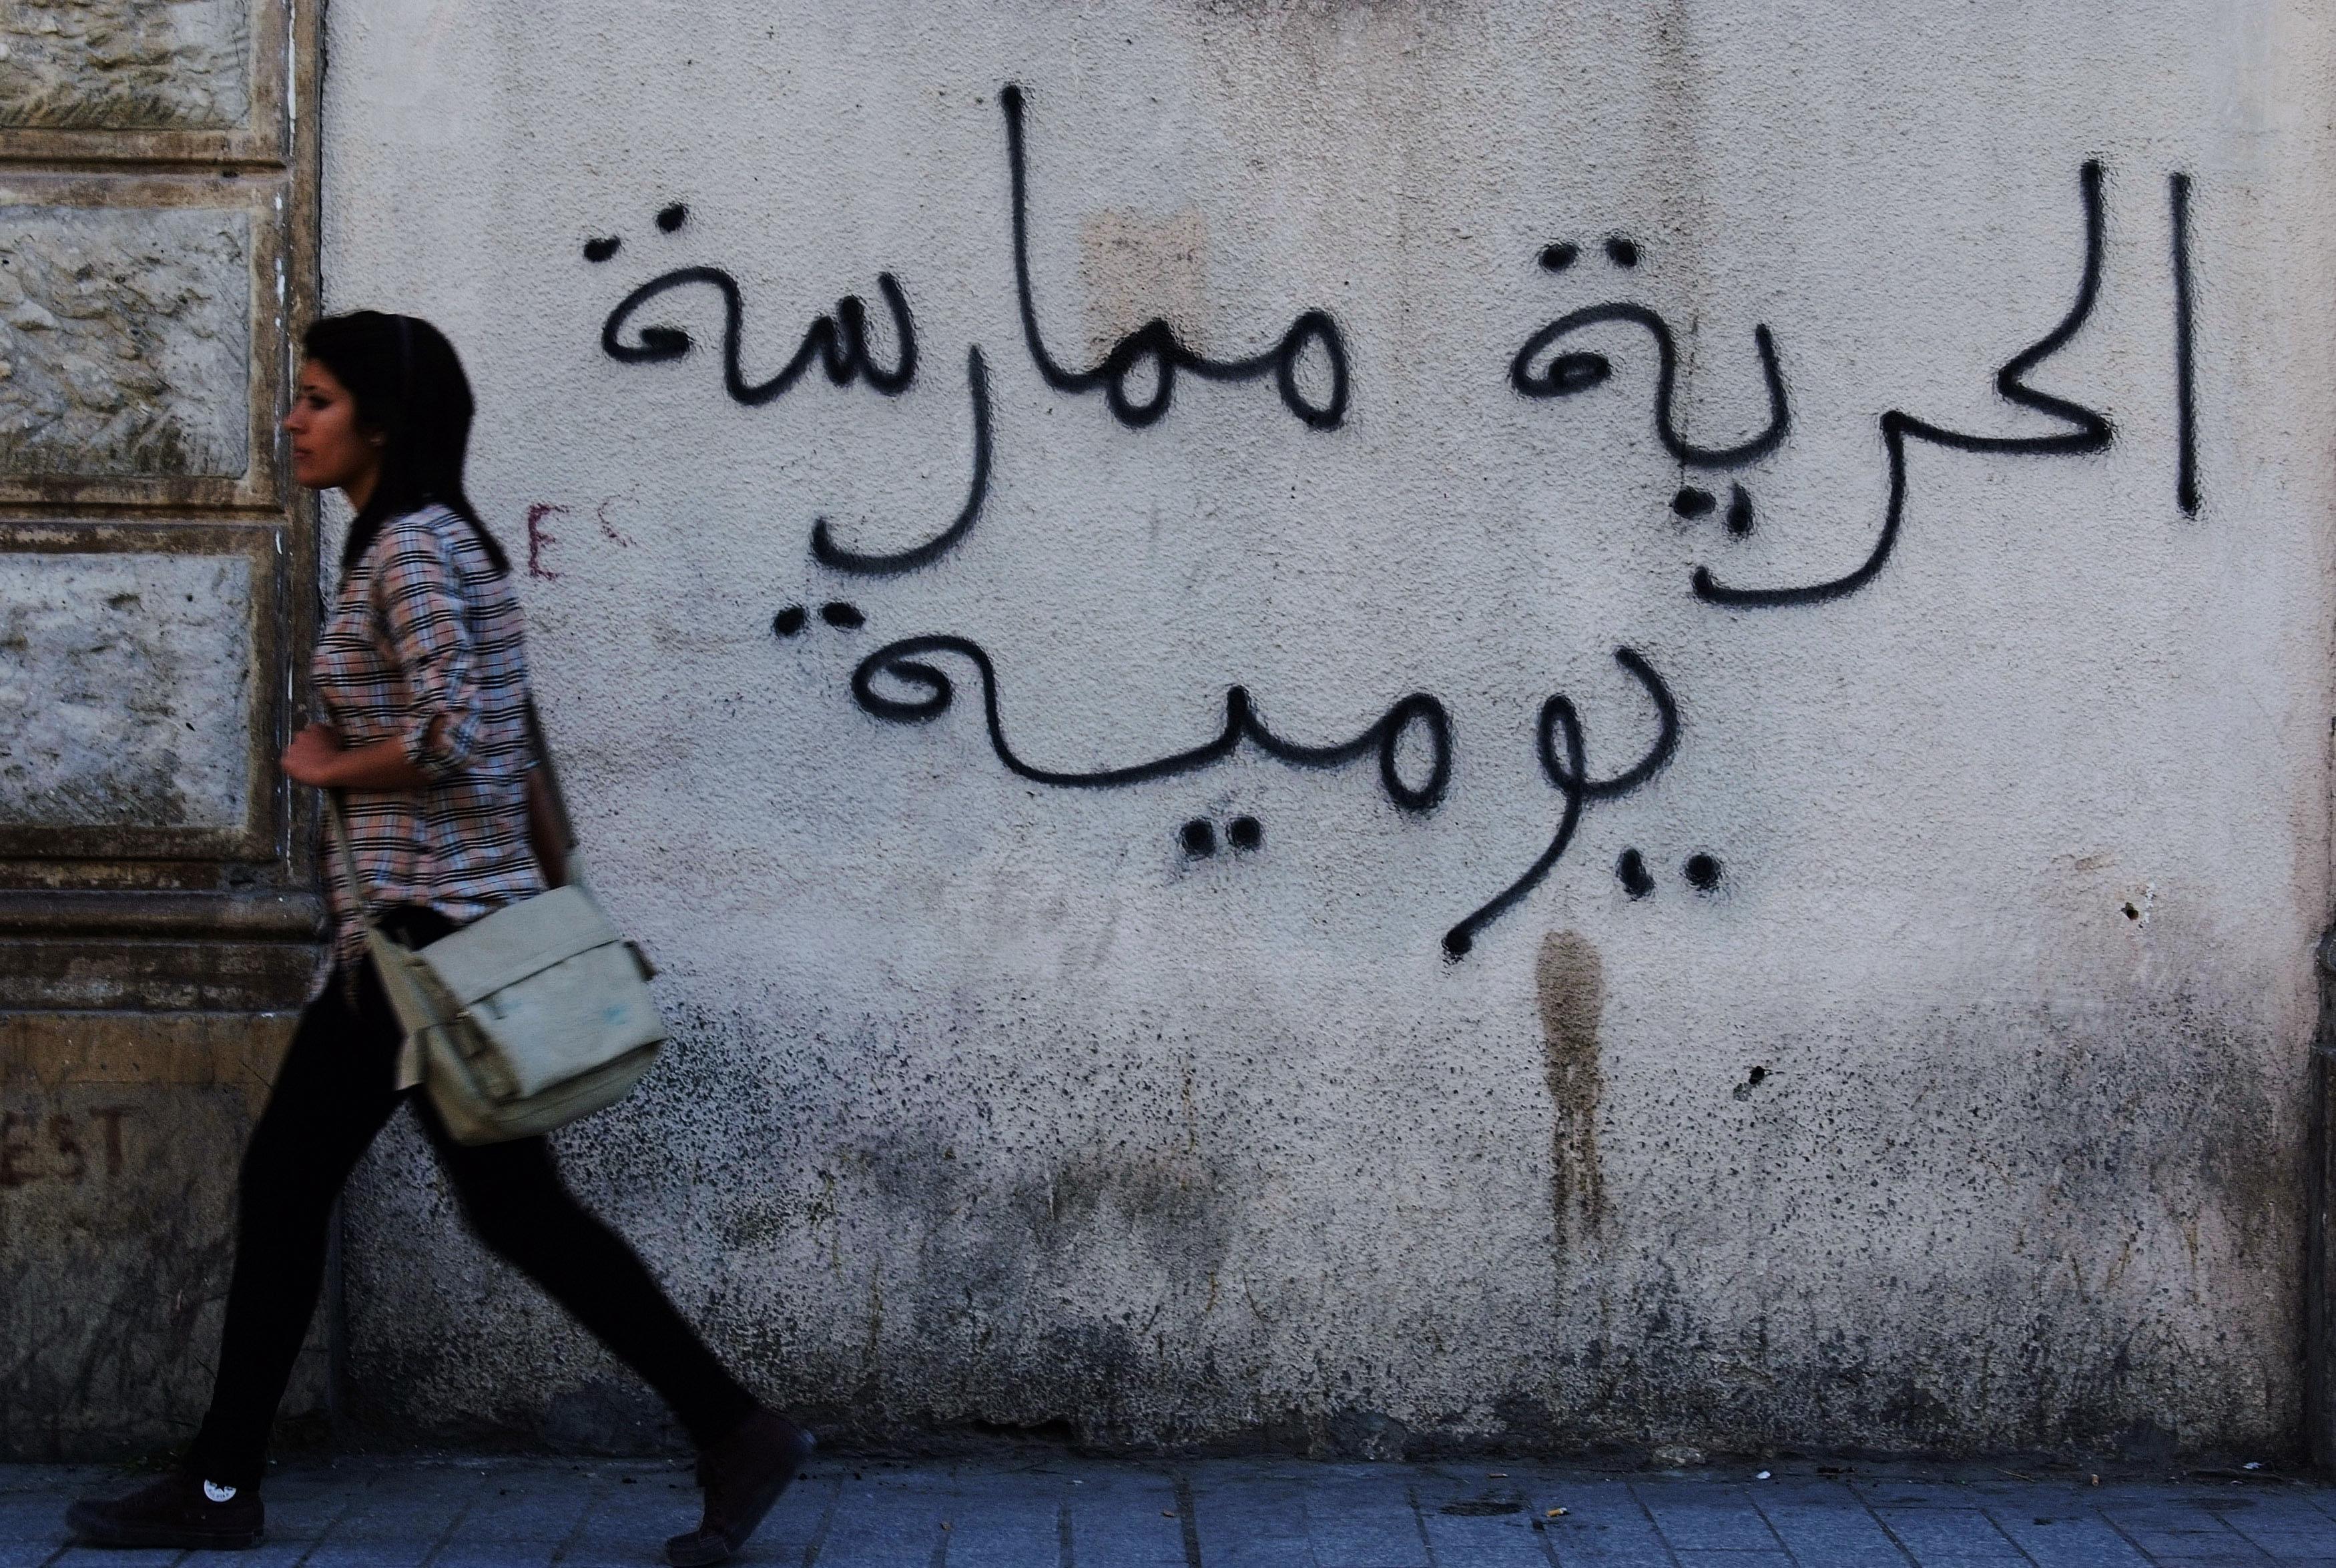 Le gouvernement tunisien mène-t-il une purge contre les blogueurs? Radio Canada évoque une